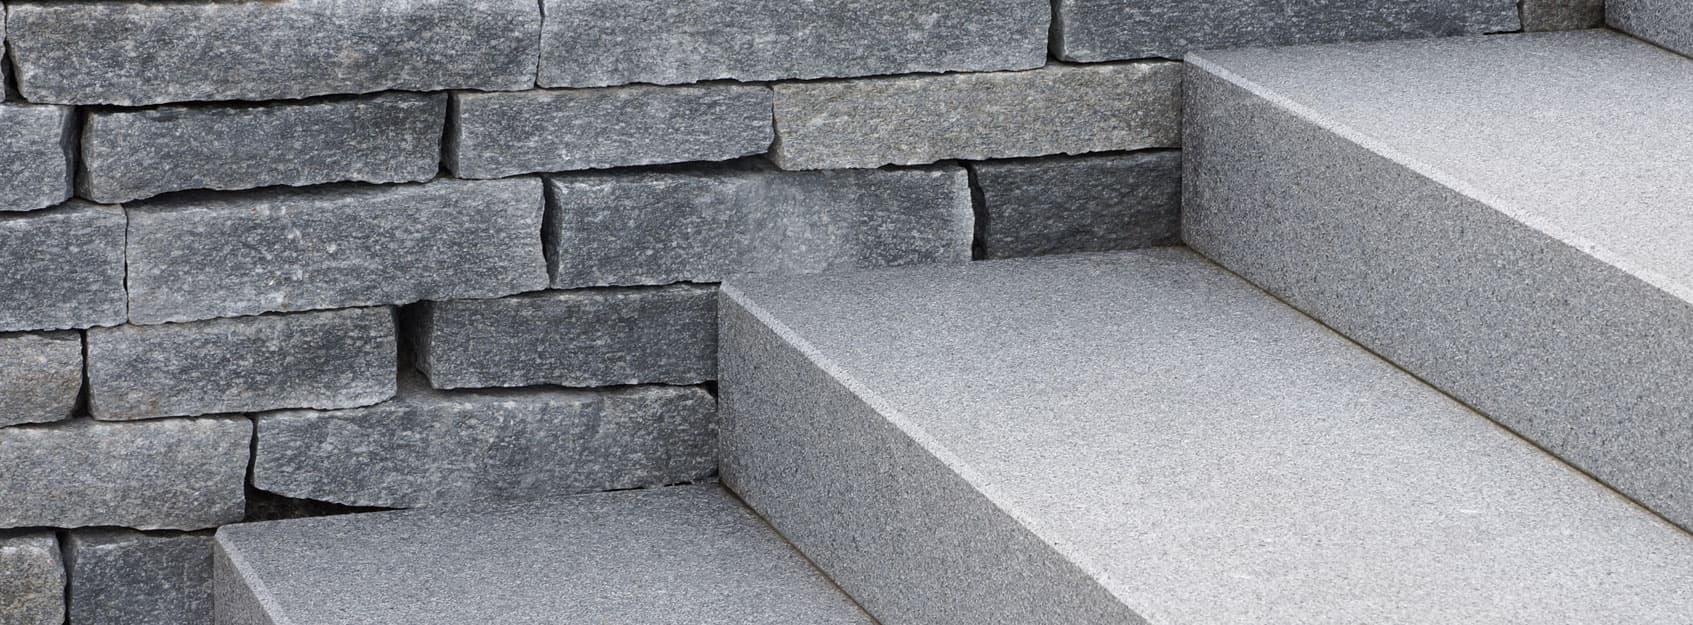 Blockstufen aus Granit und Sandstein